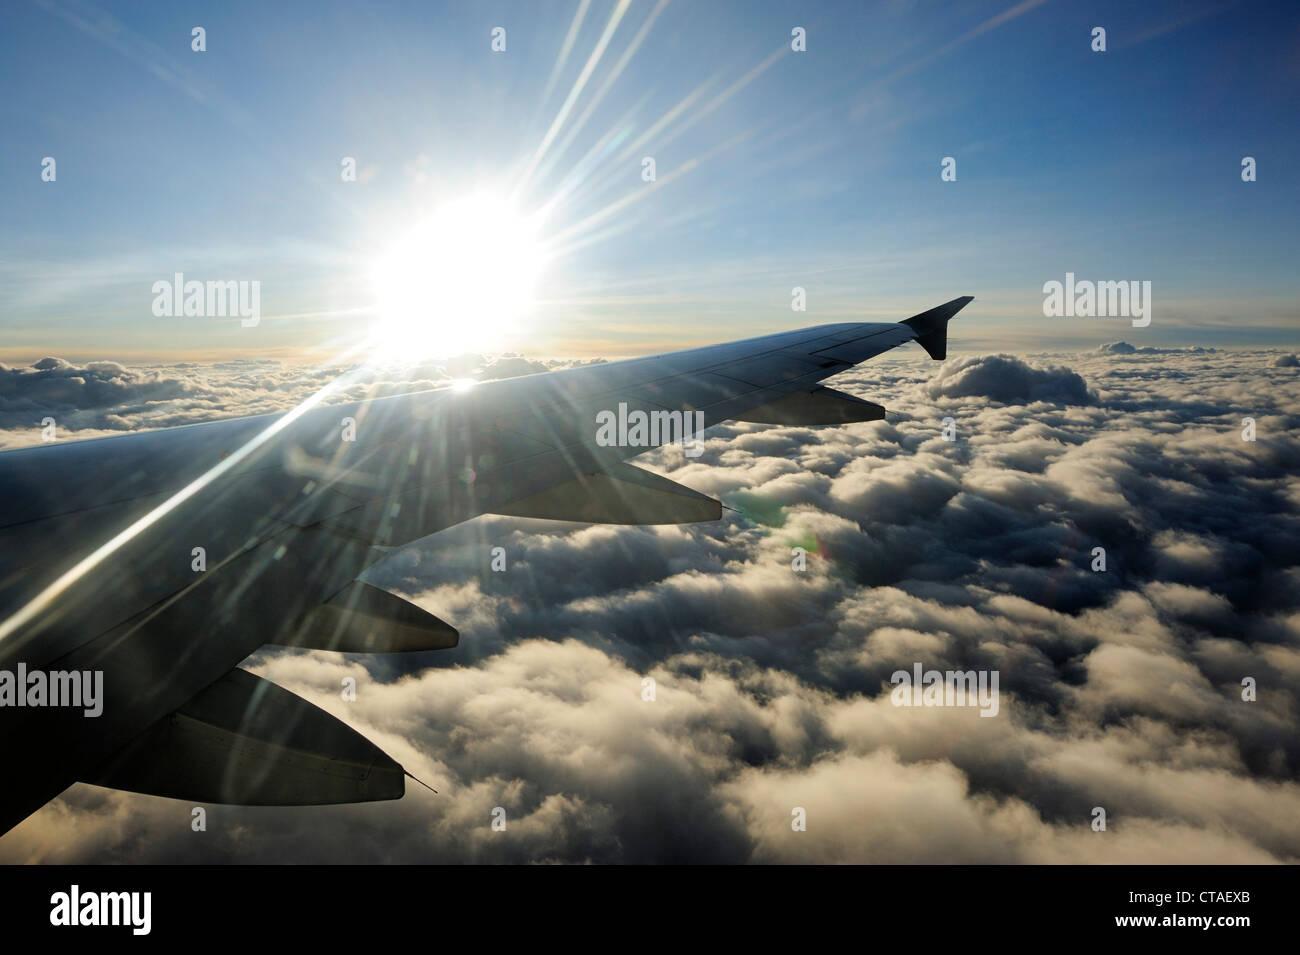 Sun por encima de las nubes con ala de avión, vuelo de Delhi a Leh, Ladakh, Jammu y Cachemira, la India Imagen De Stock